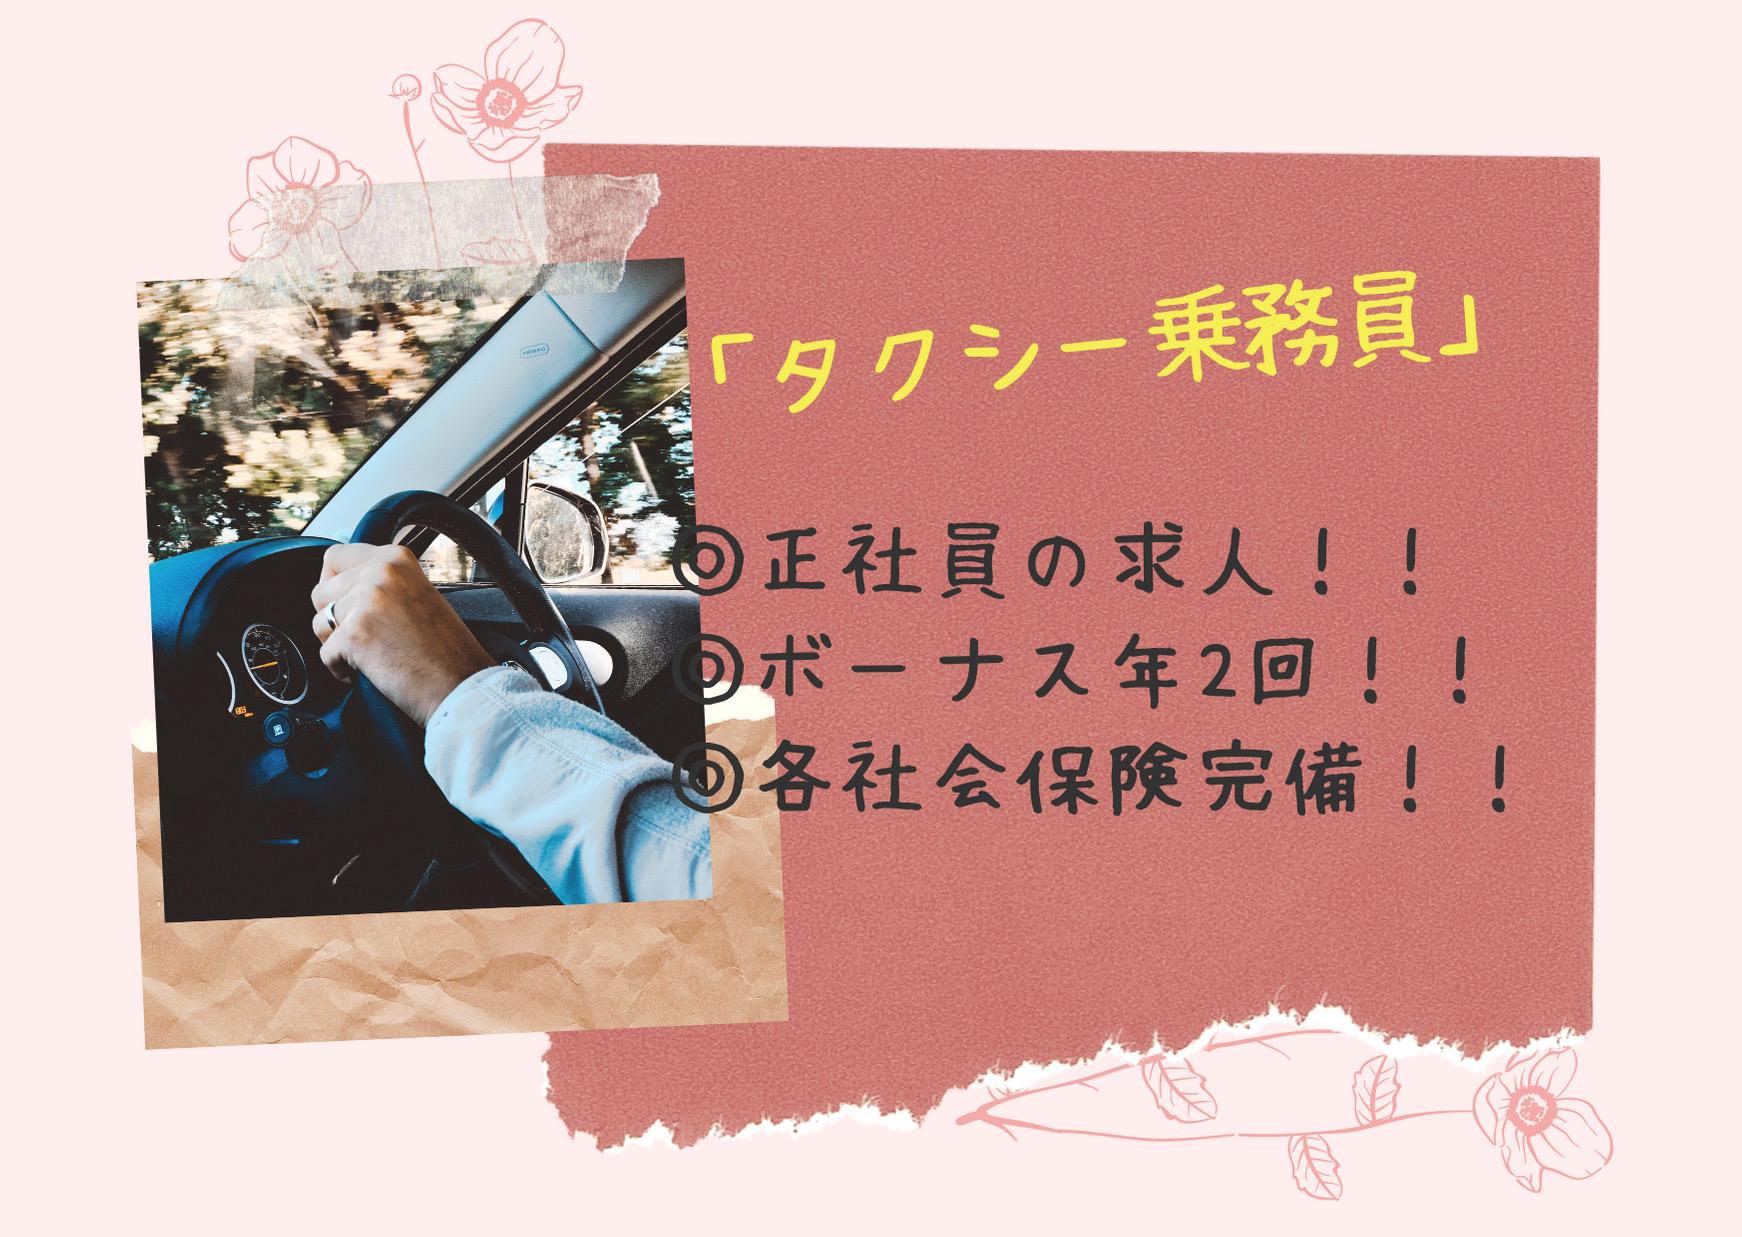 即面談可能【北区・タクシードライバー】正社員の求人!学歴問いません☆彡 イメージ